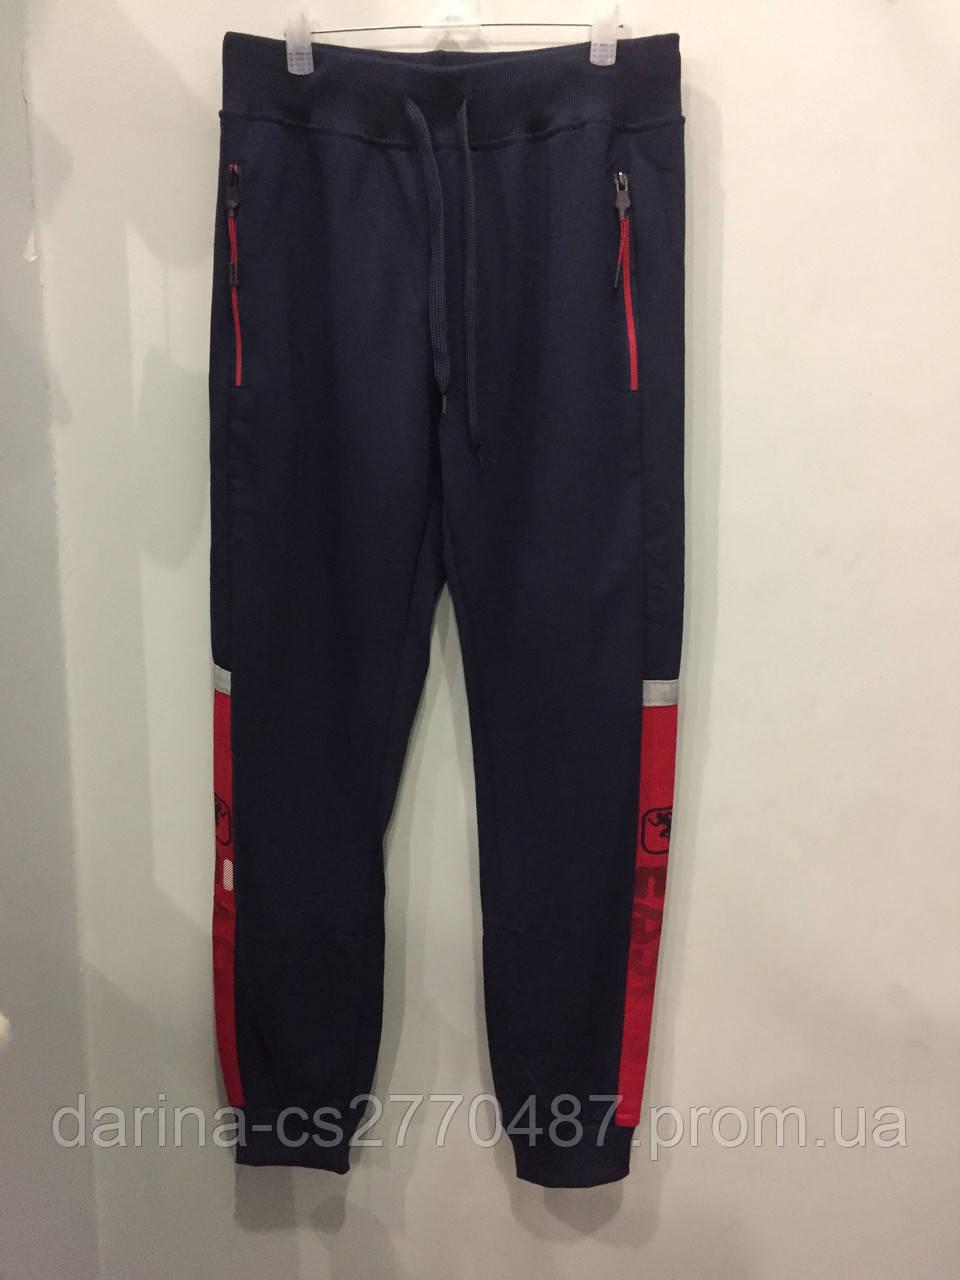 Спортивные трикотажные штаны для мальчика подростка 146 см